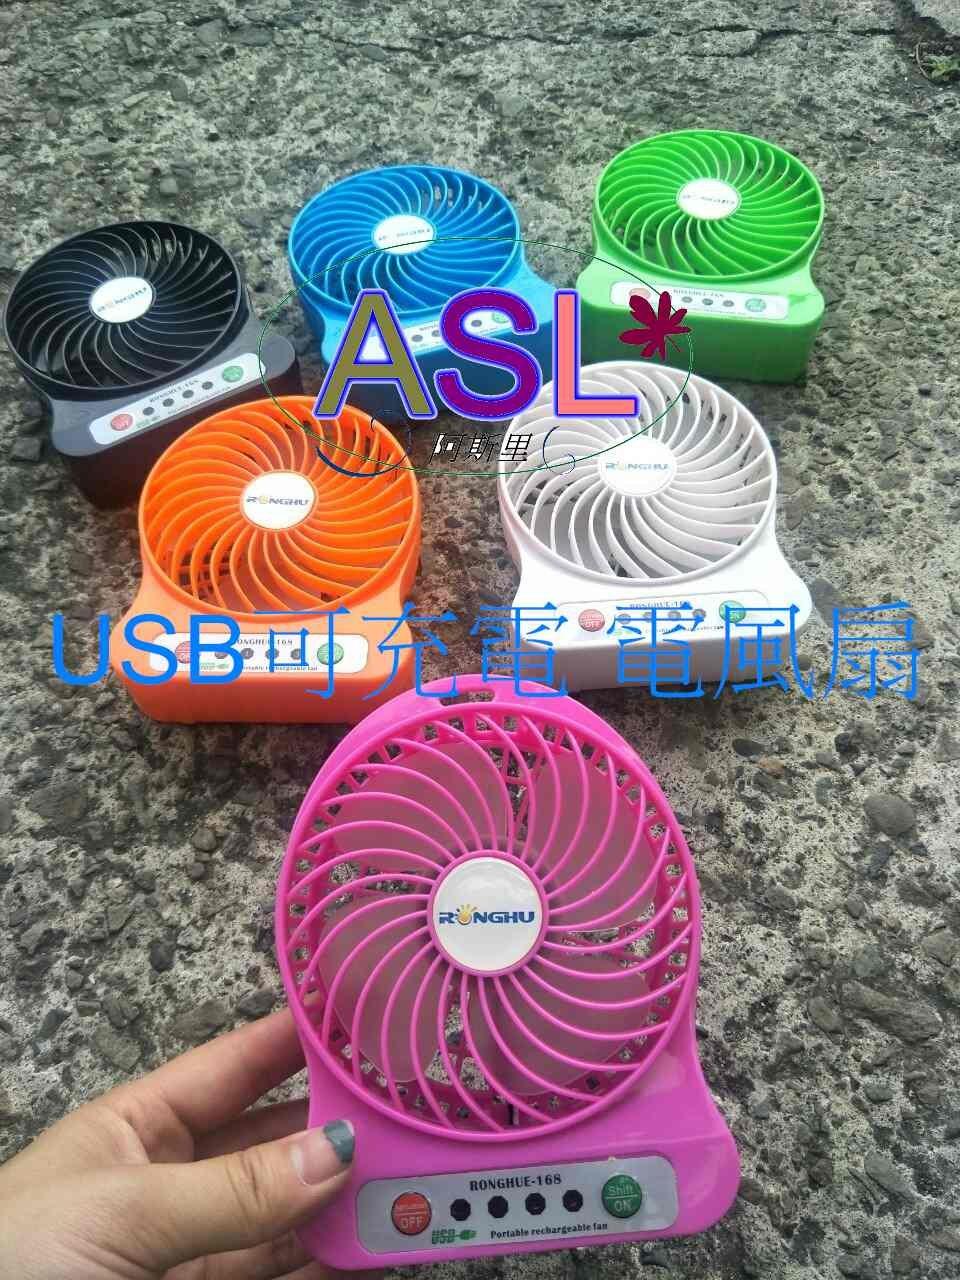 超涼電風扇~超強三段風力電風扇~攜帶方便USB充電 方便攜帶 電風扇 小型電扇